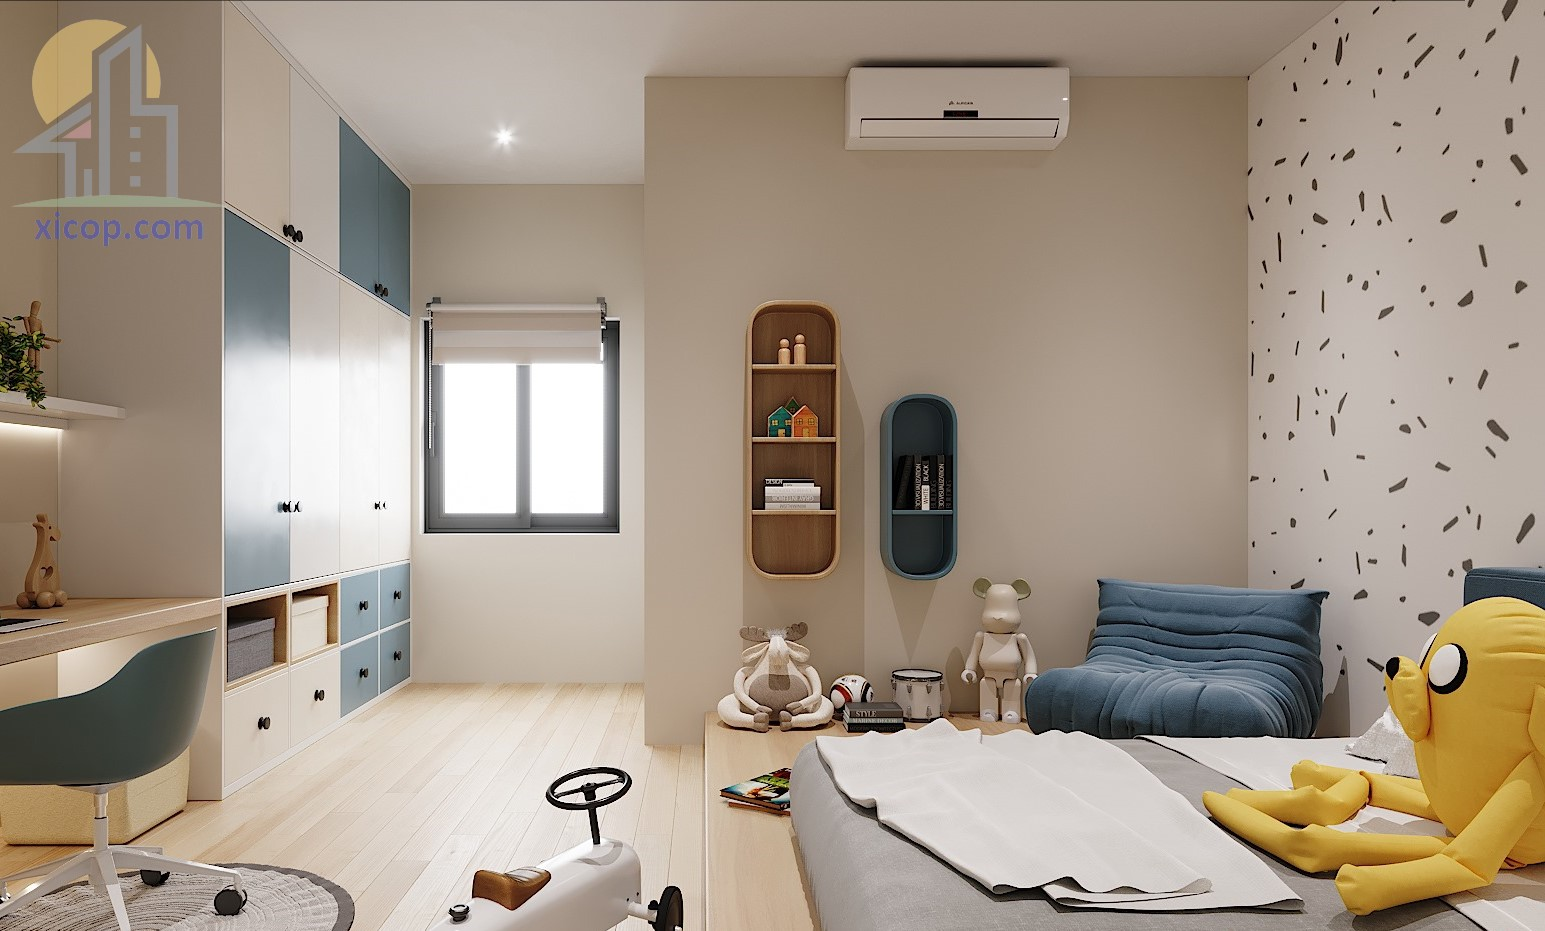 Nhà 3 tầng 100m2 đẹp hiện đại mẫu thiết kế với chi phí xây dựng rẻ